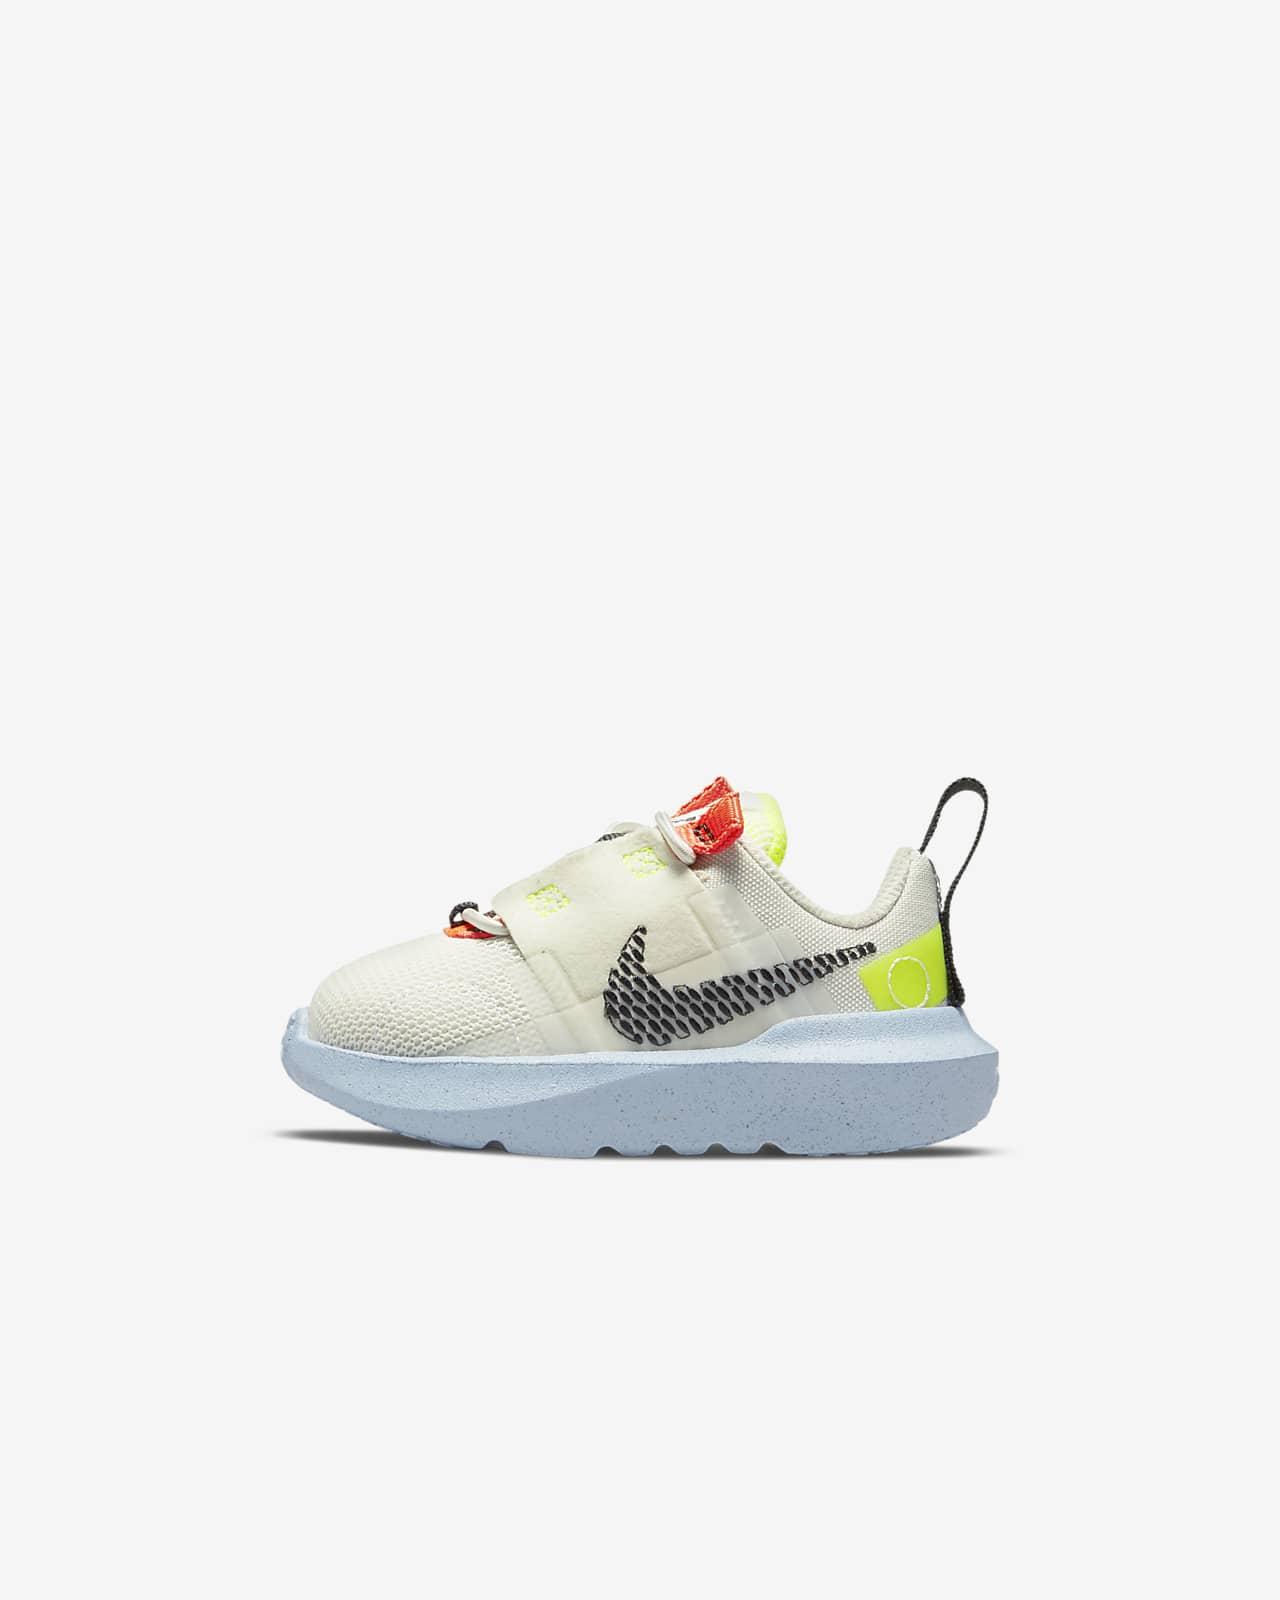 Sko Nike Crater Impact för baby/små barn